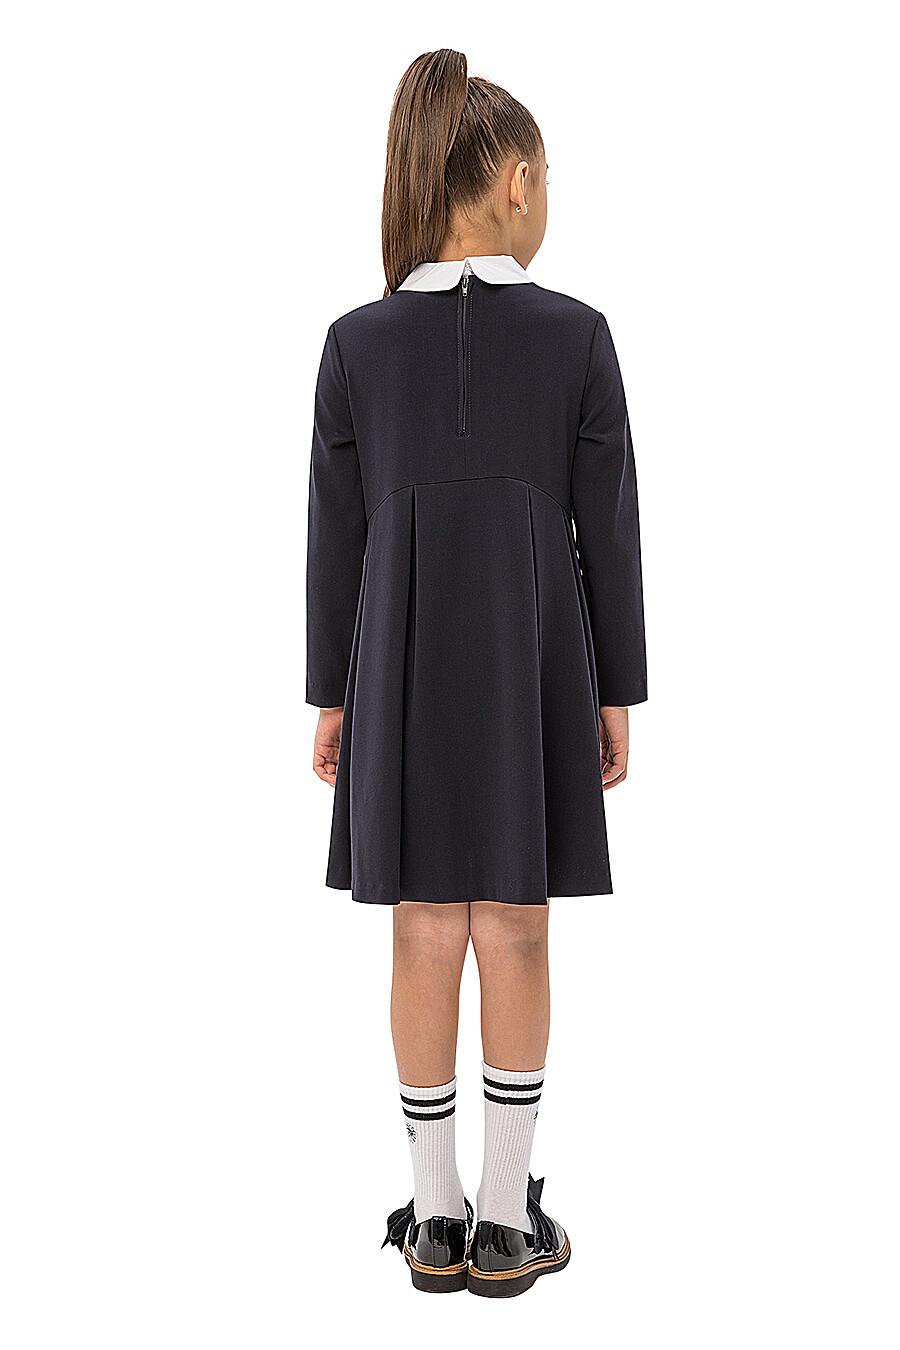 Платье КАРАМЕЛЛИ (683161), купить в Moyo.moda